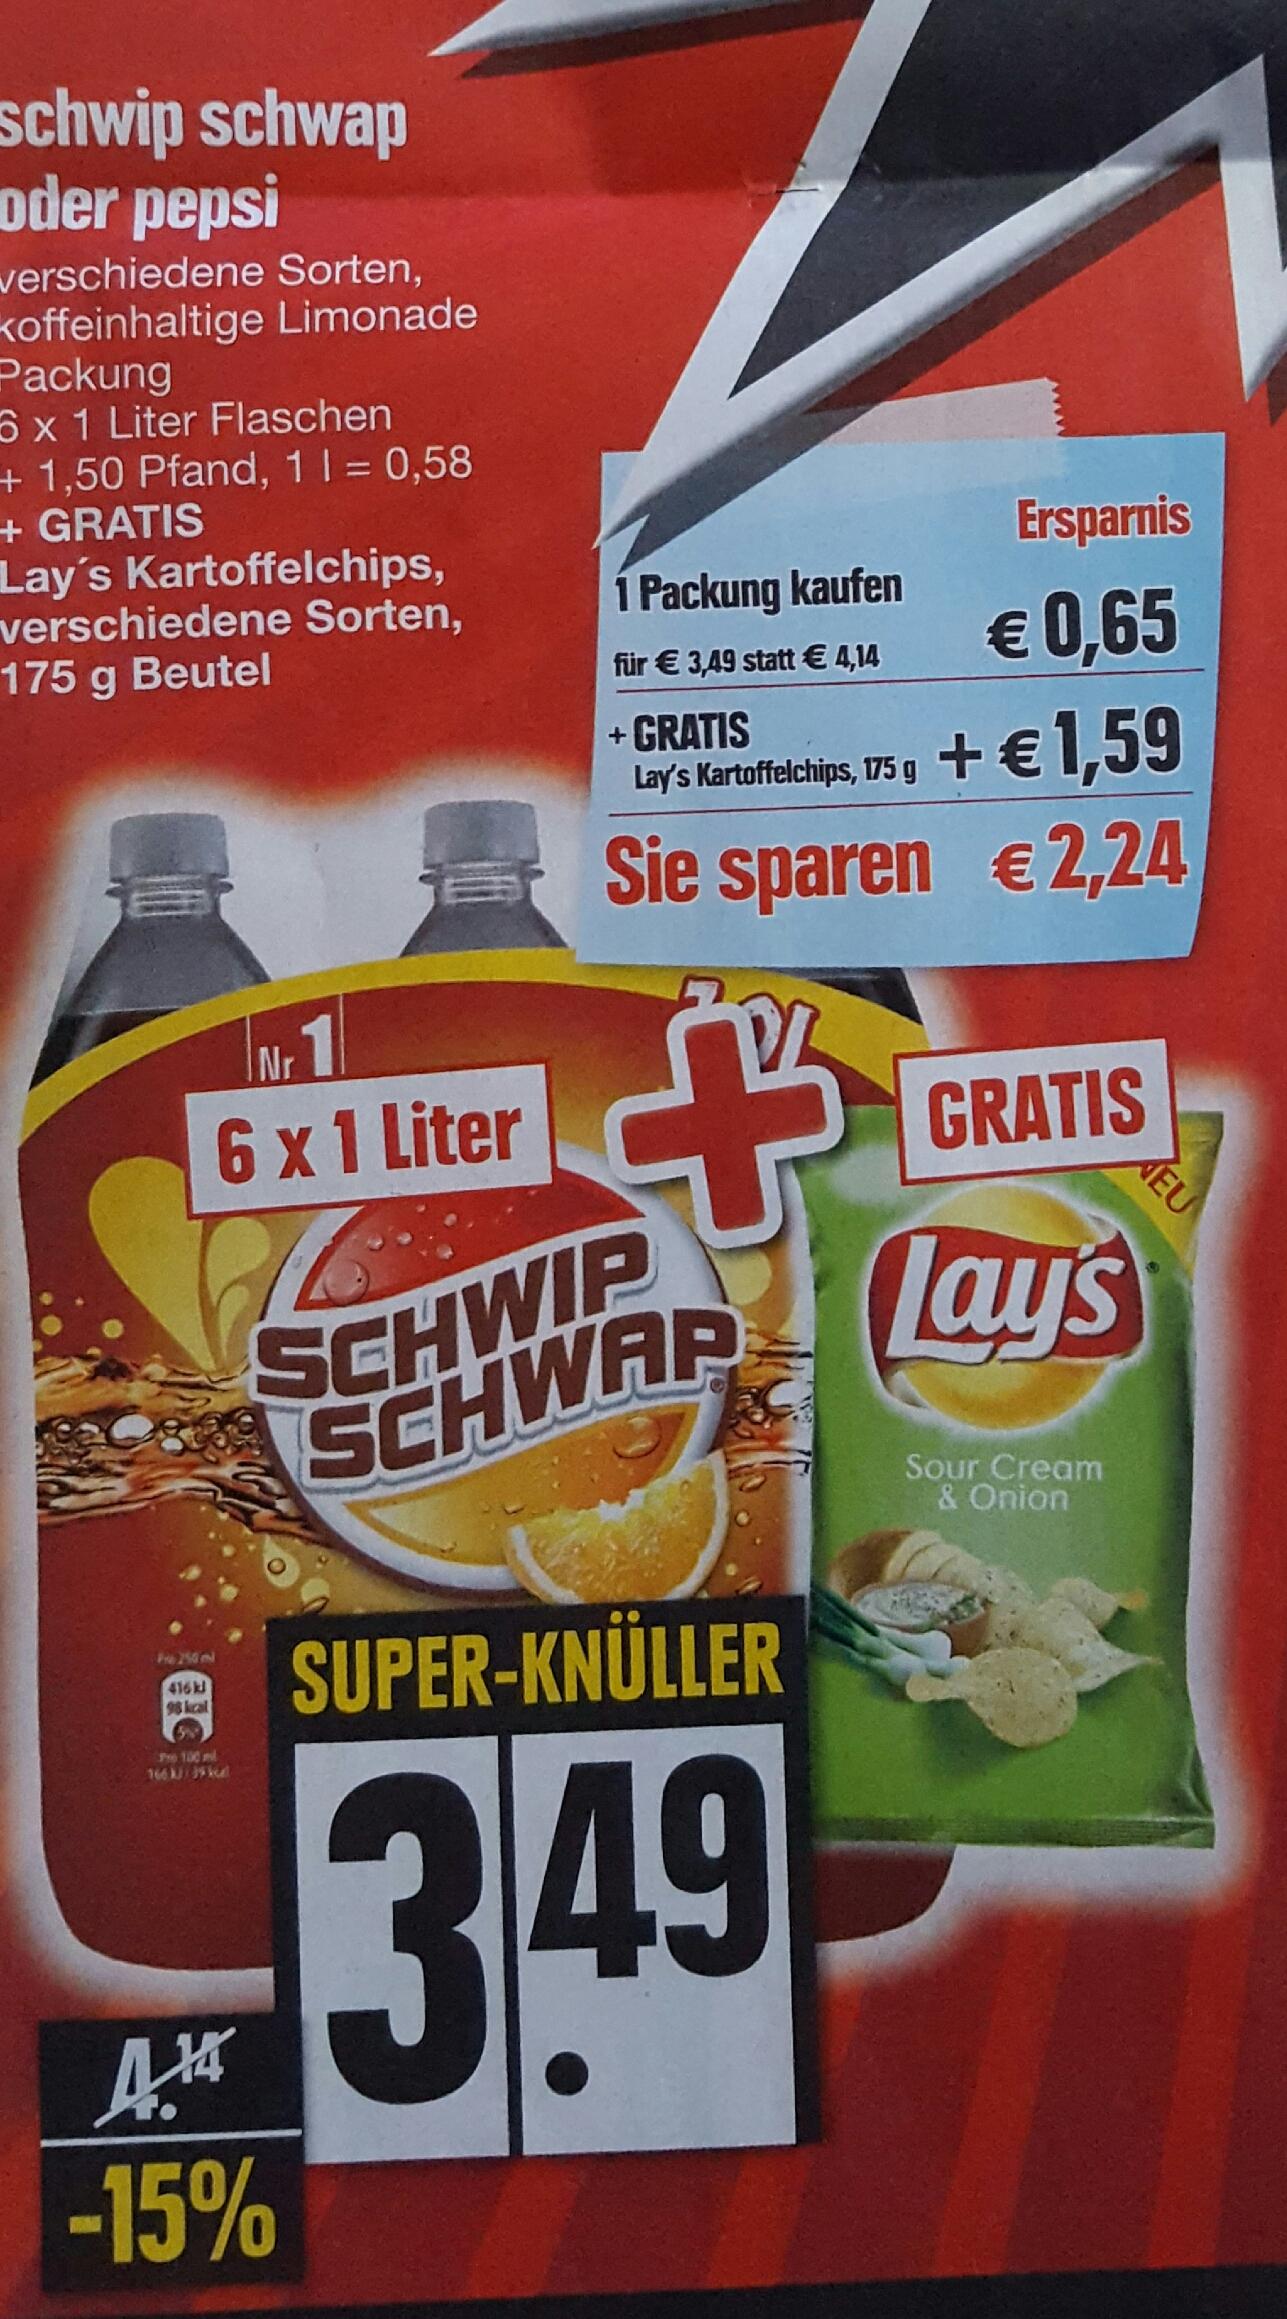 Pepsi oder Schwip Schwap 6 L kaufen + 1 x 175 g Lays Gratis